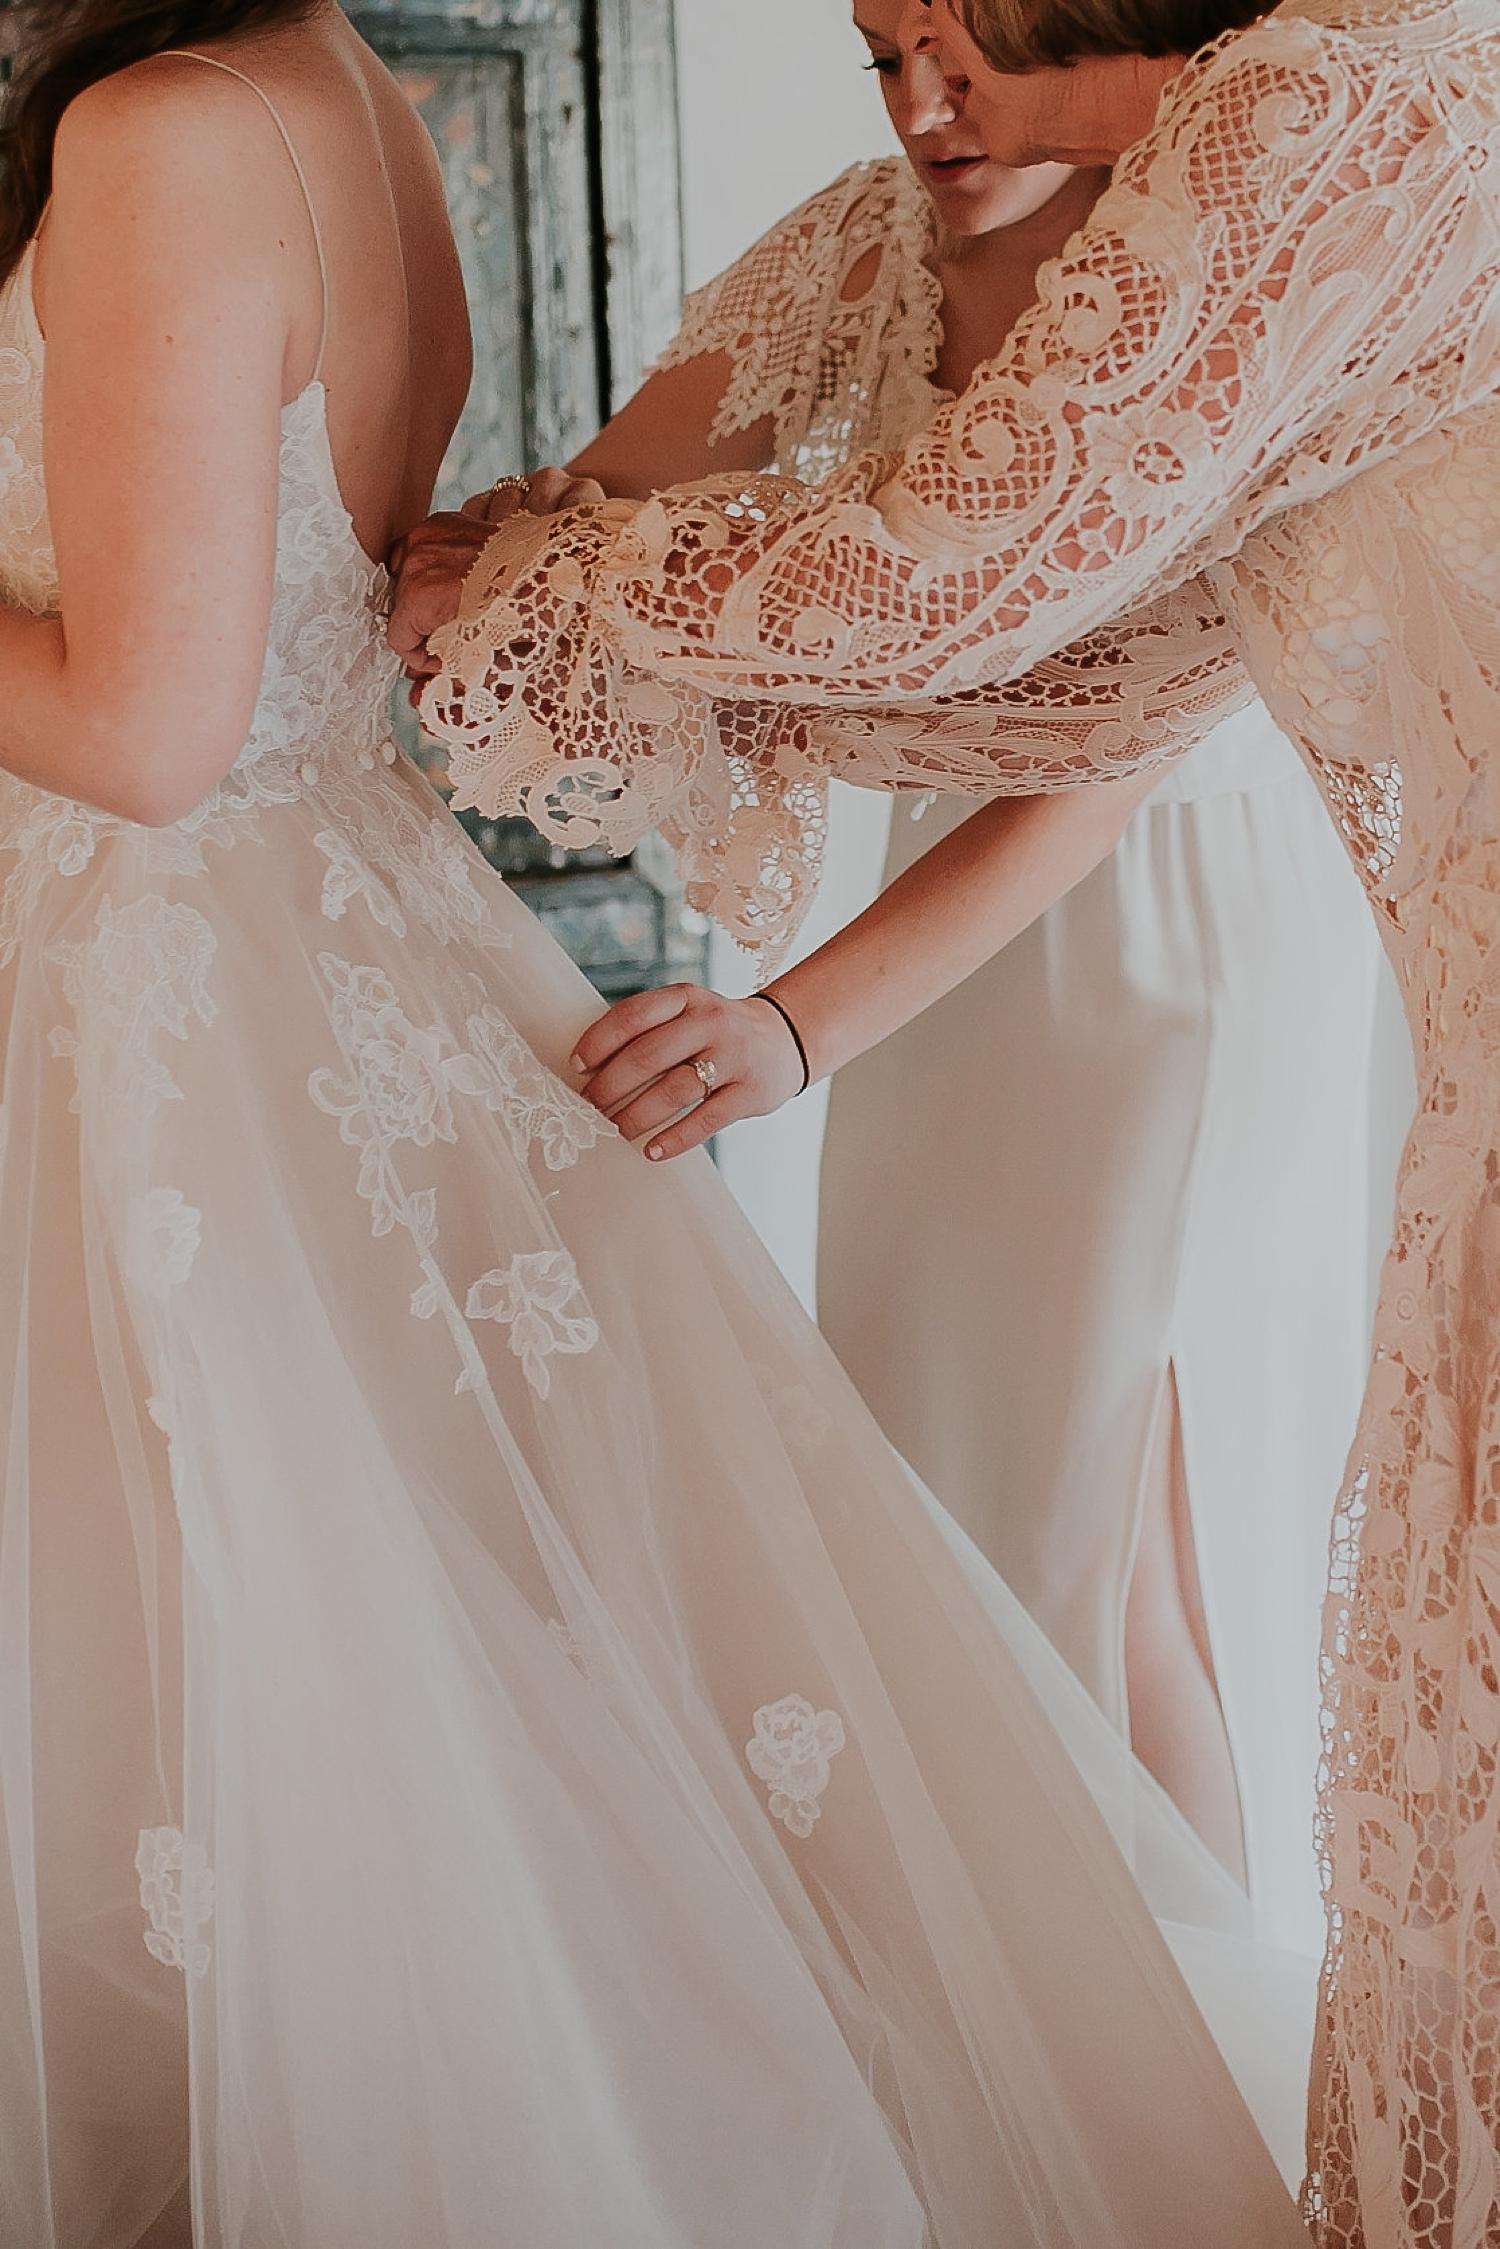 Alicia+lucia+photography+-+albuquerque+wedding+photographer+-+santa+fe+wedding+photography+-+new+mexico+wedding+photographer+-+summer+wedding+gowns+-+summer+wedding+style_0035.jpg